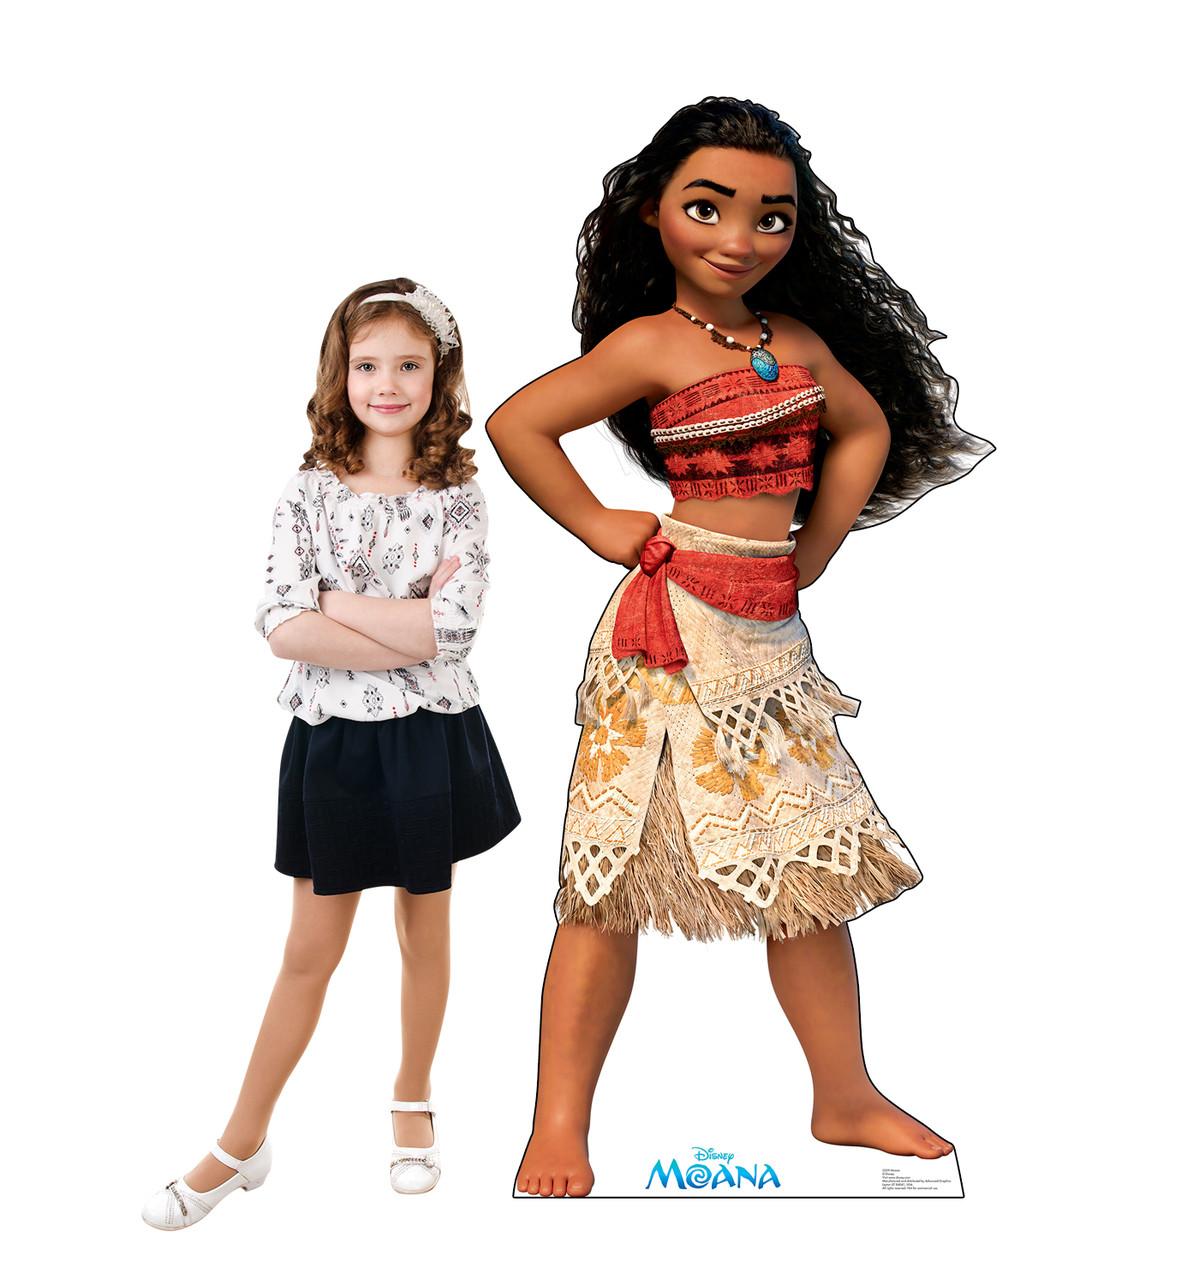 Moana for the Disney Movie Moana with model